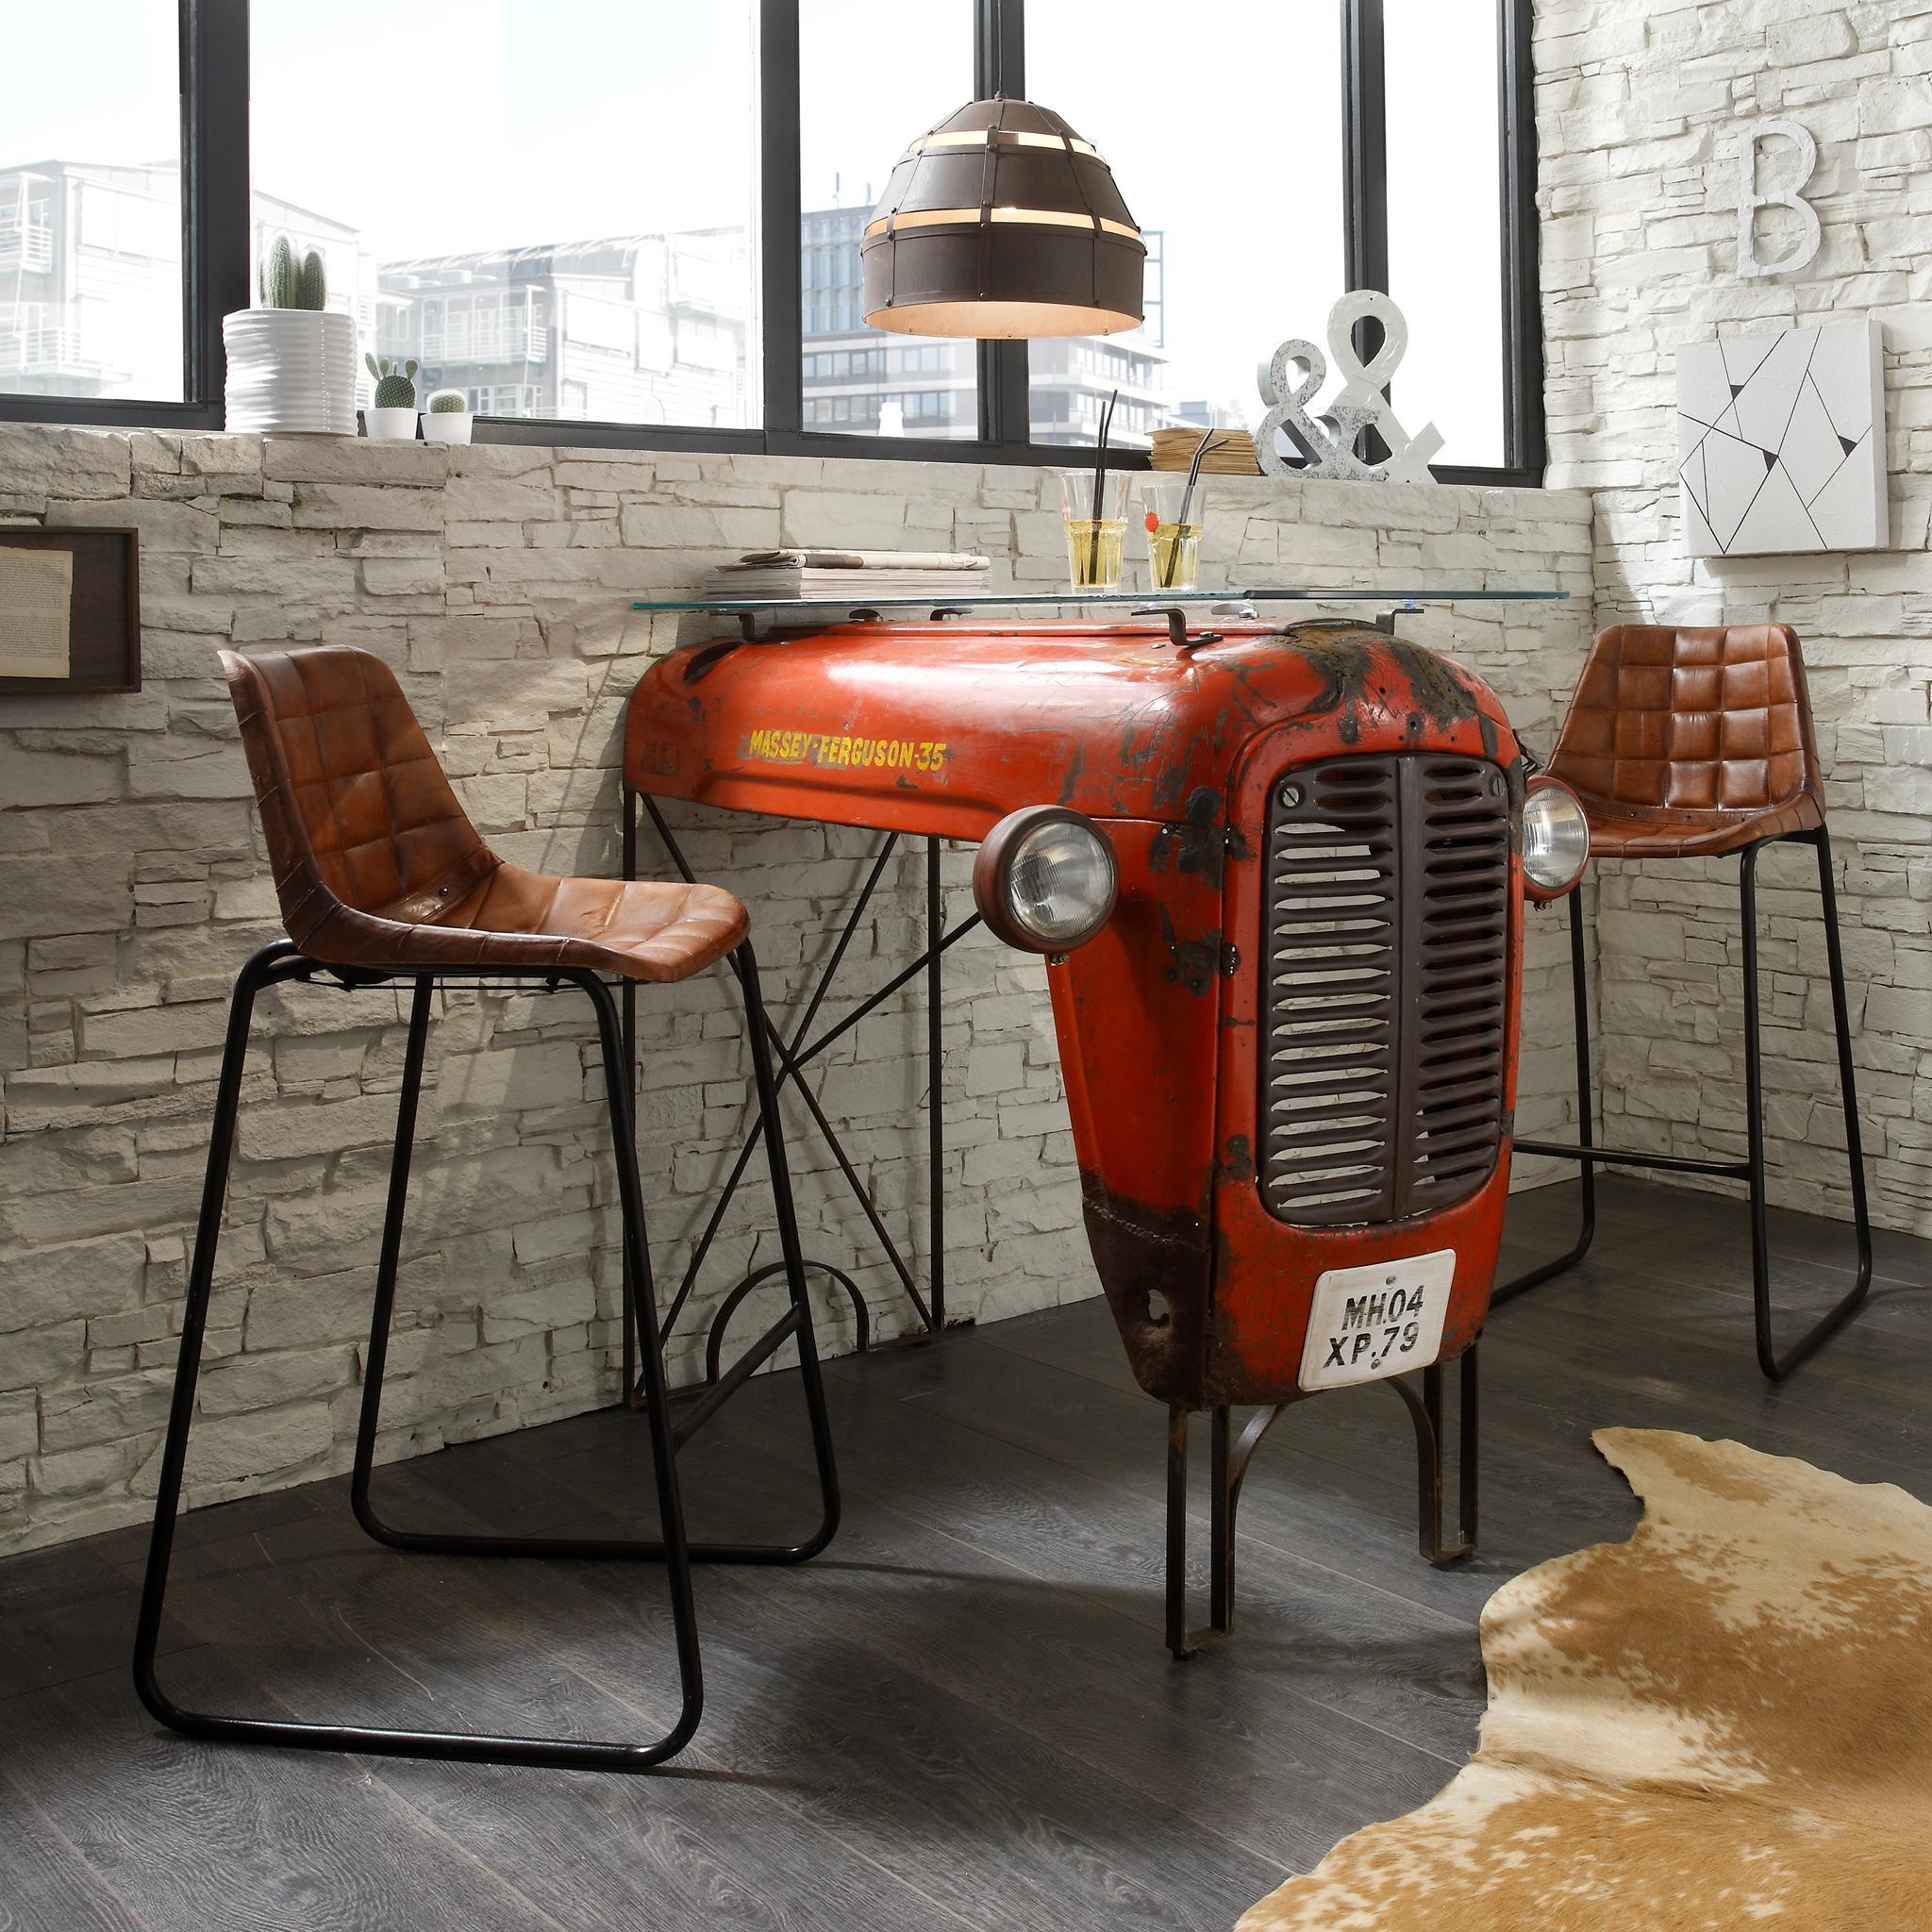 Full Size of Küchen Bartisch Ideen Ldich Inspirieren Küche Regal Wohnzimmer Küchen Bartisch